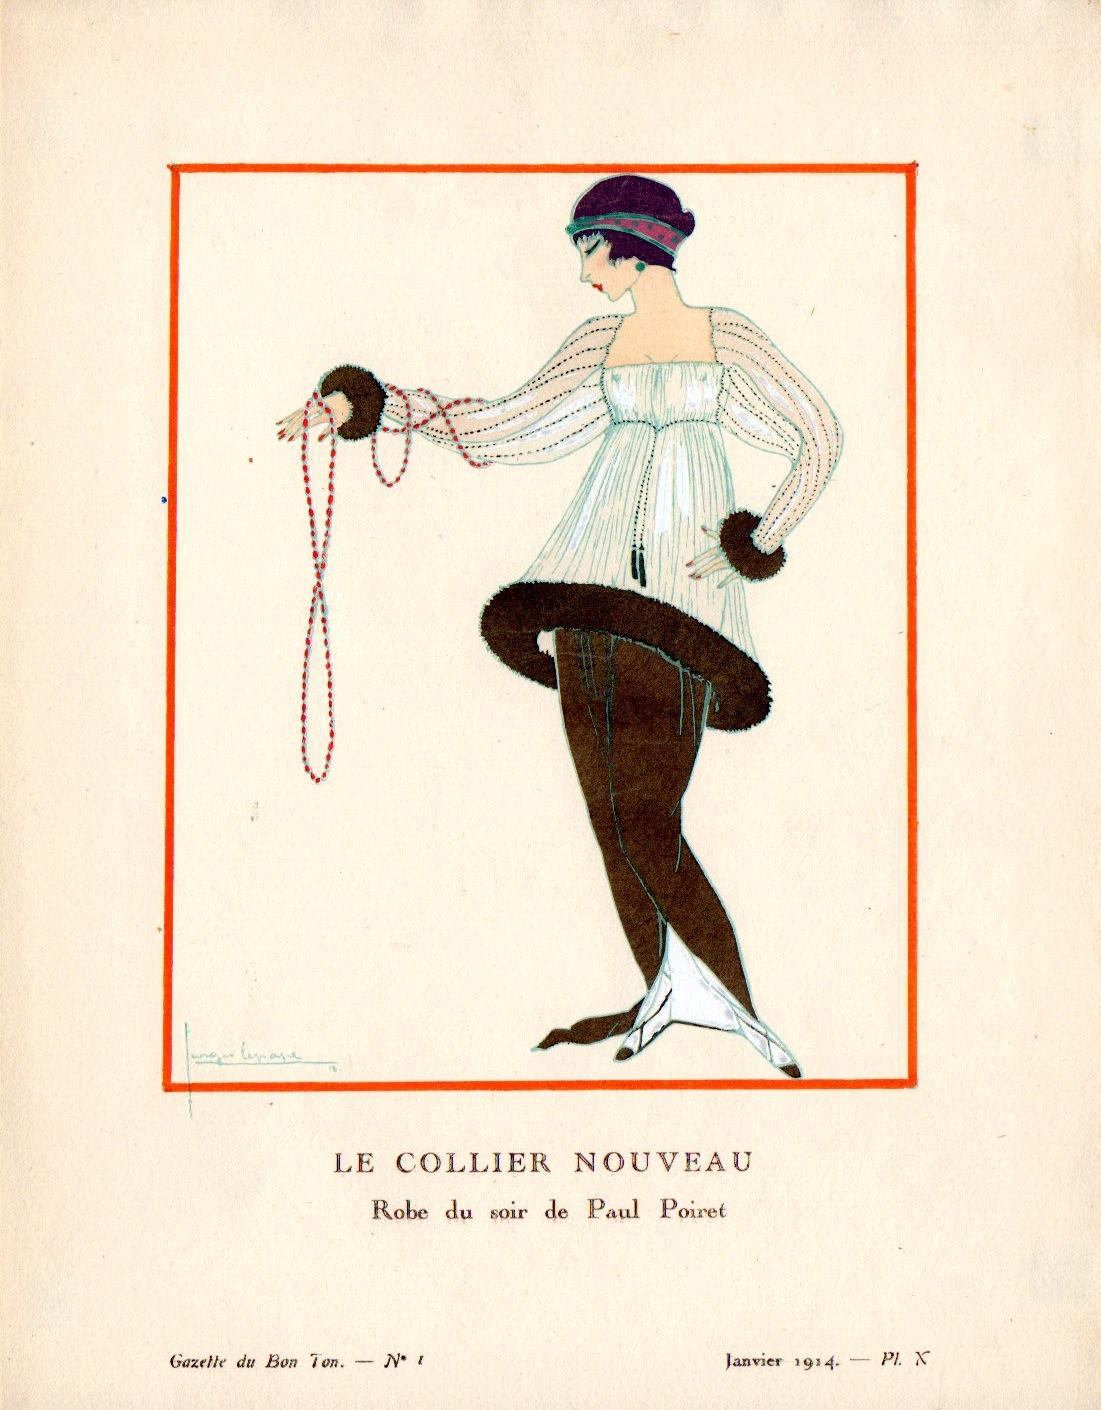 Gazette du bon ton | Le Collier nouveau | Gazette du Bon Ton n°1